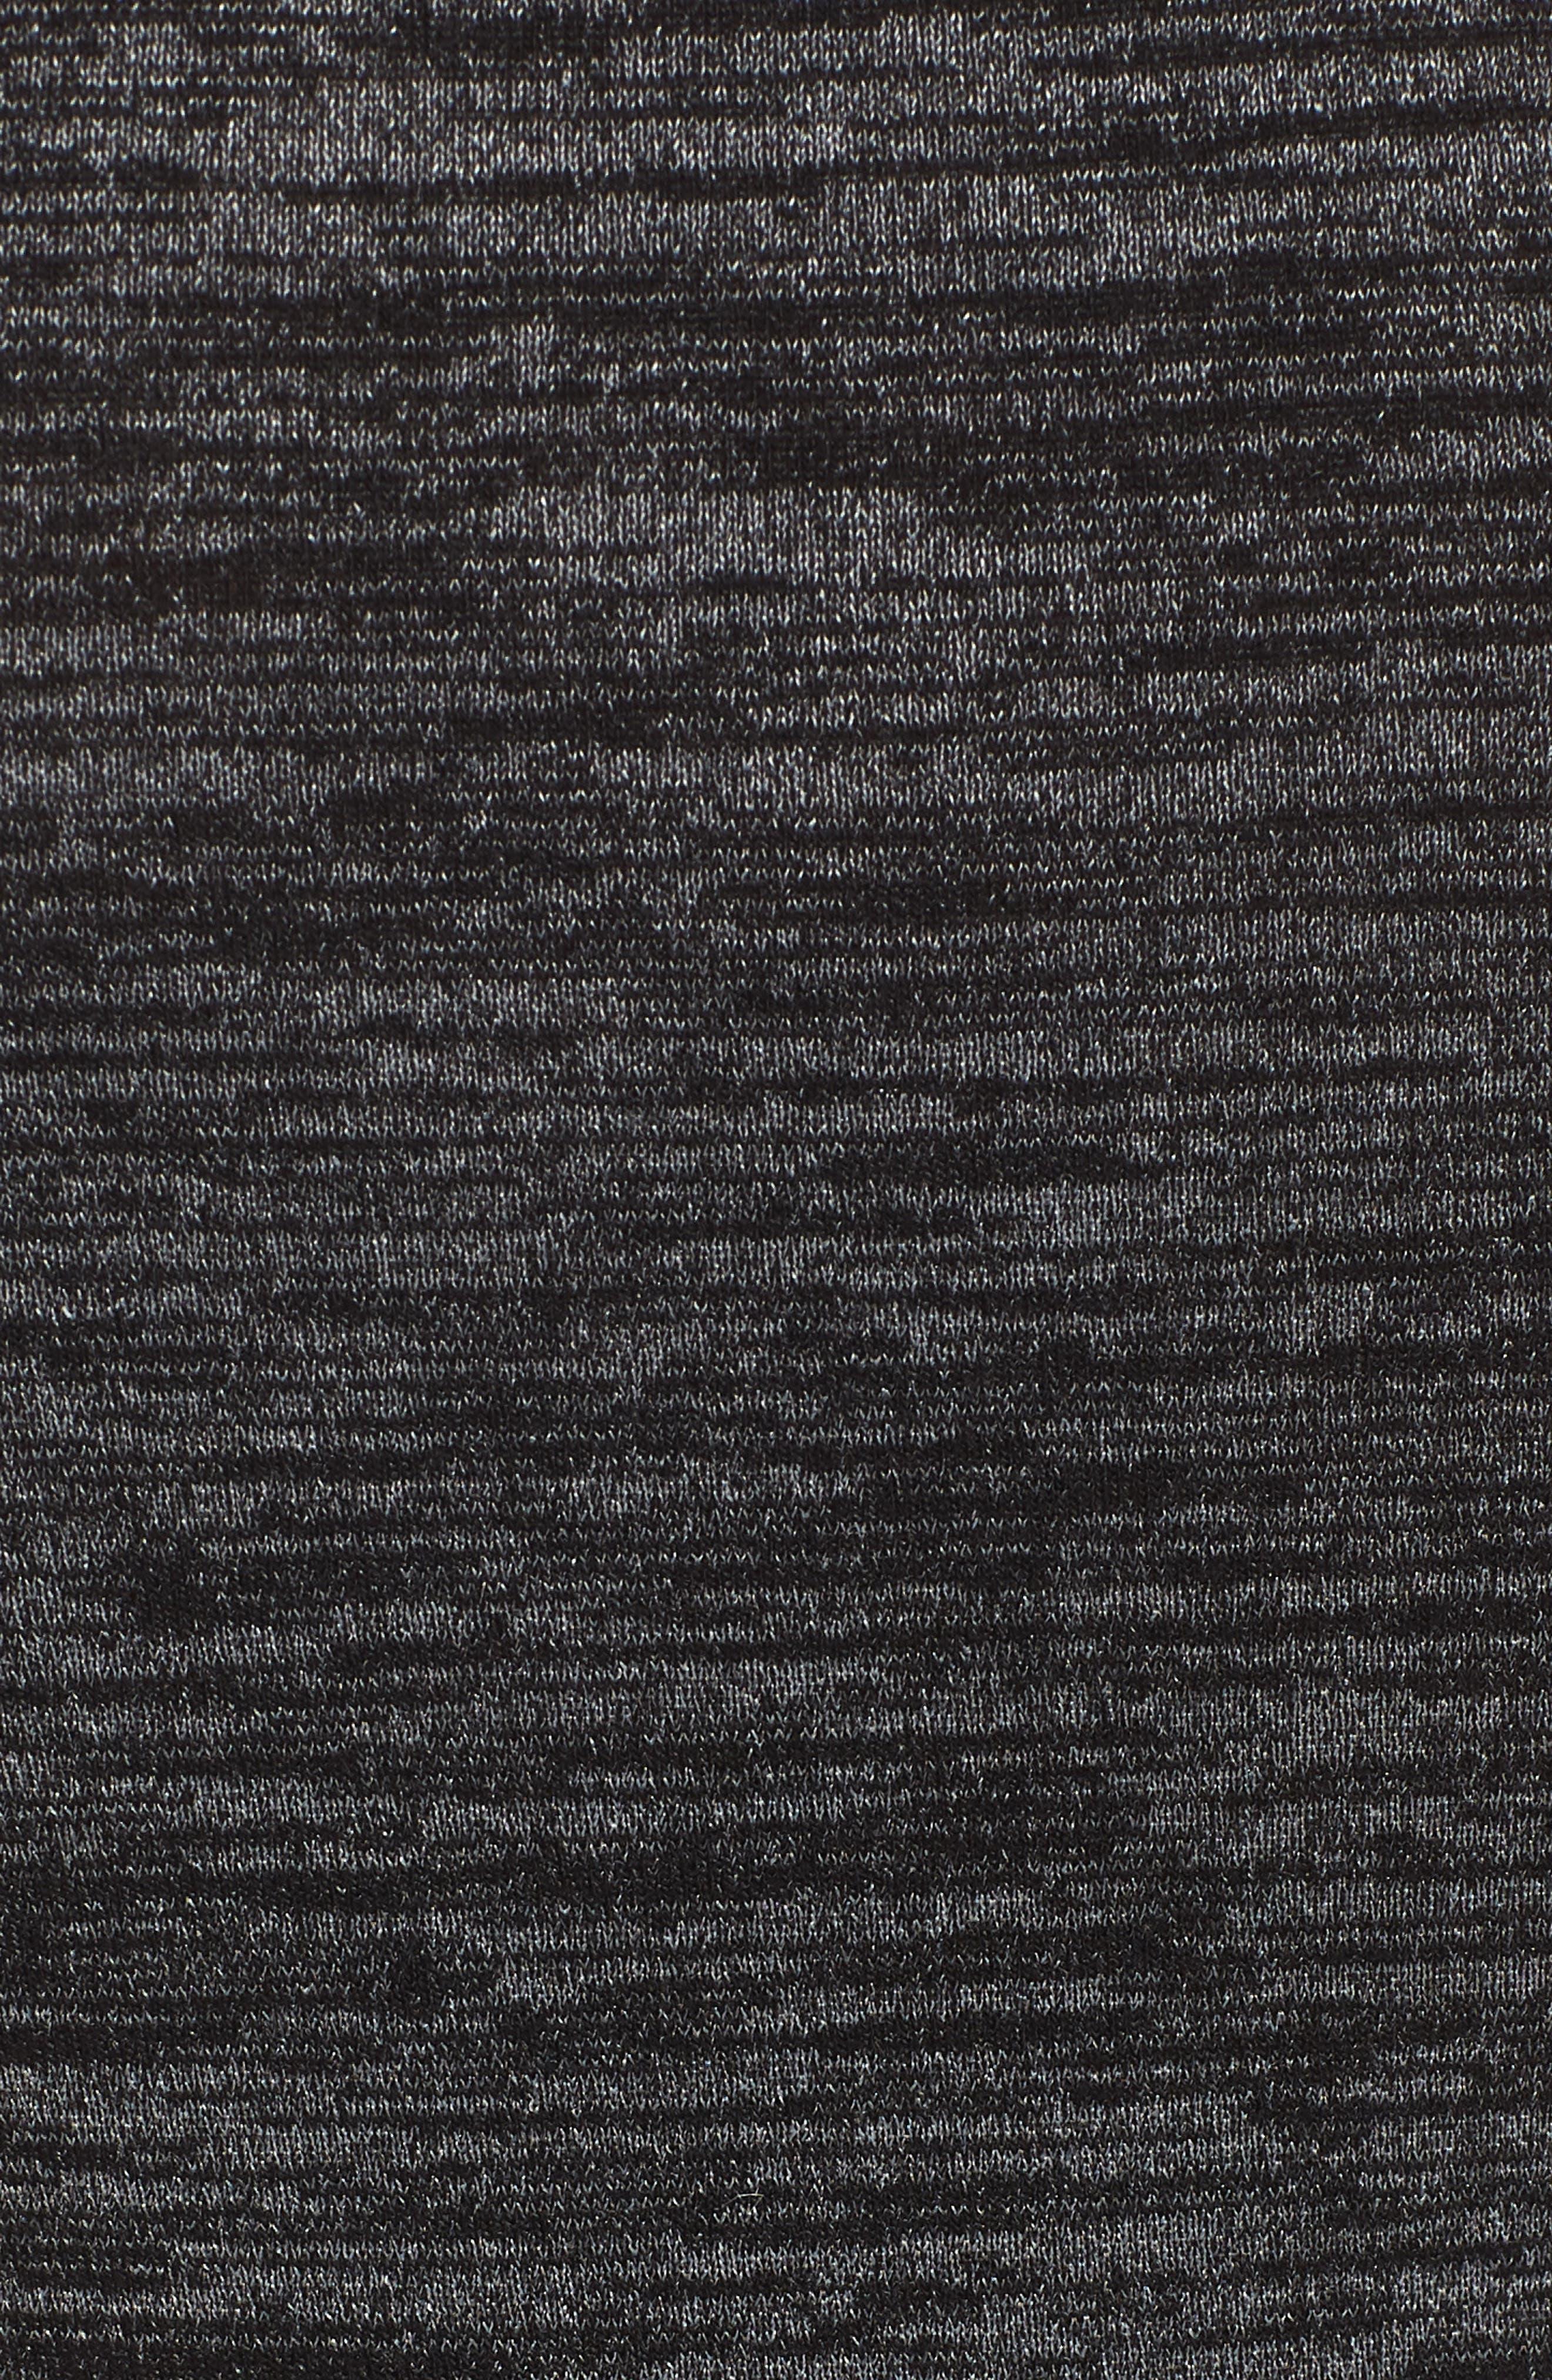 Mélange Body-Con Dress,                             Alternate thumbnail 5, color,                             021